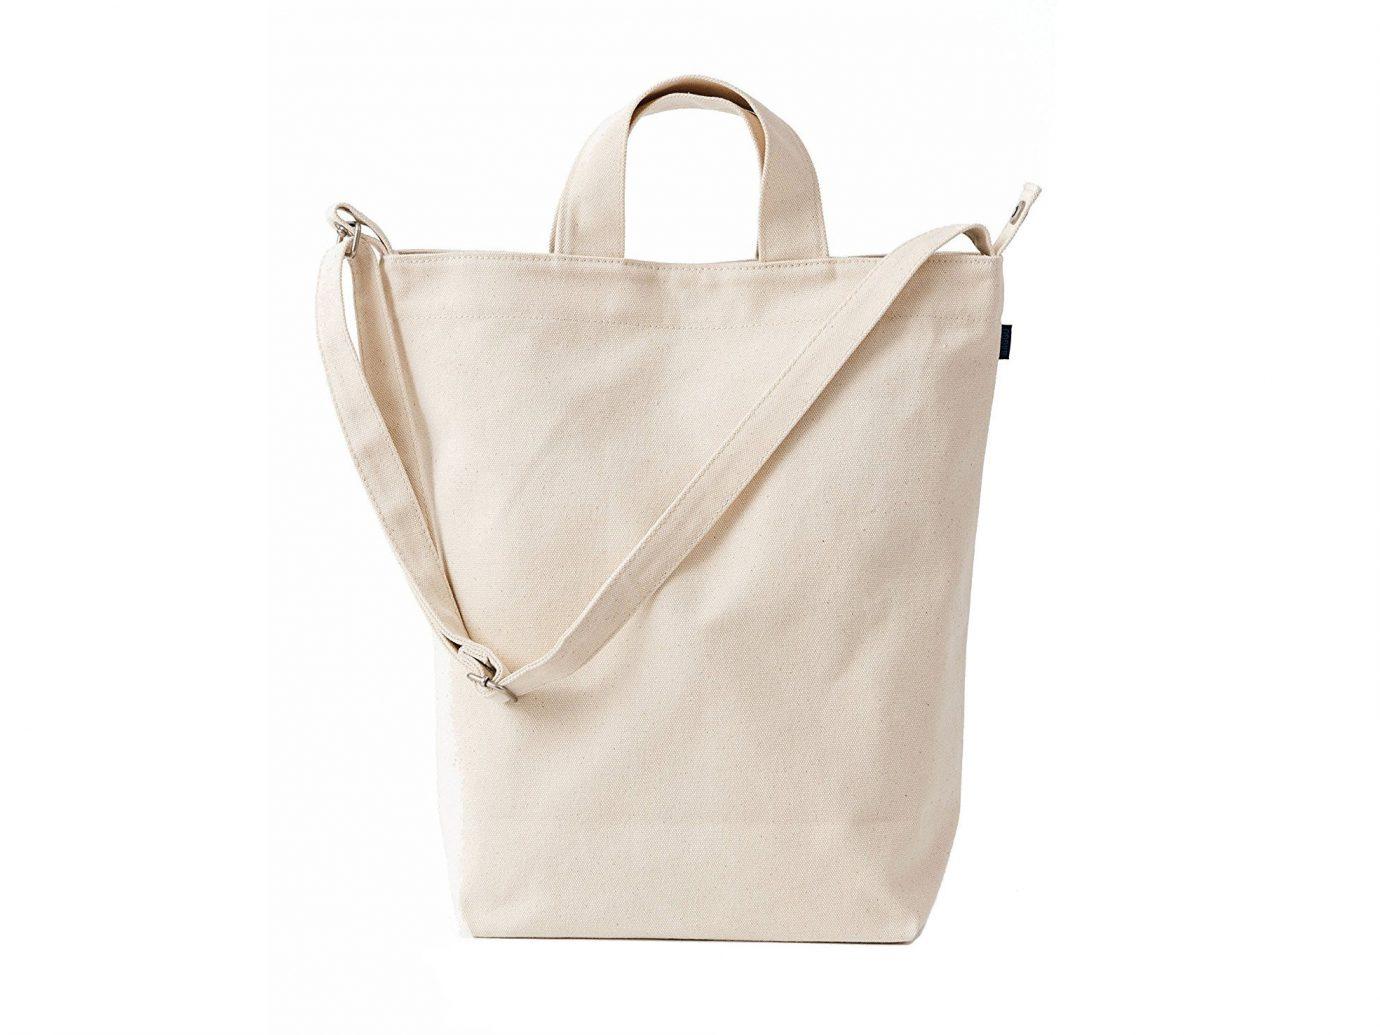 Packing Tips Style + Design Travel Shop Weekend Getaways white accessory bag handbag shoulder bag beige product case product design